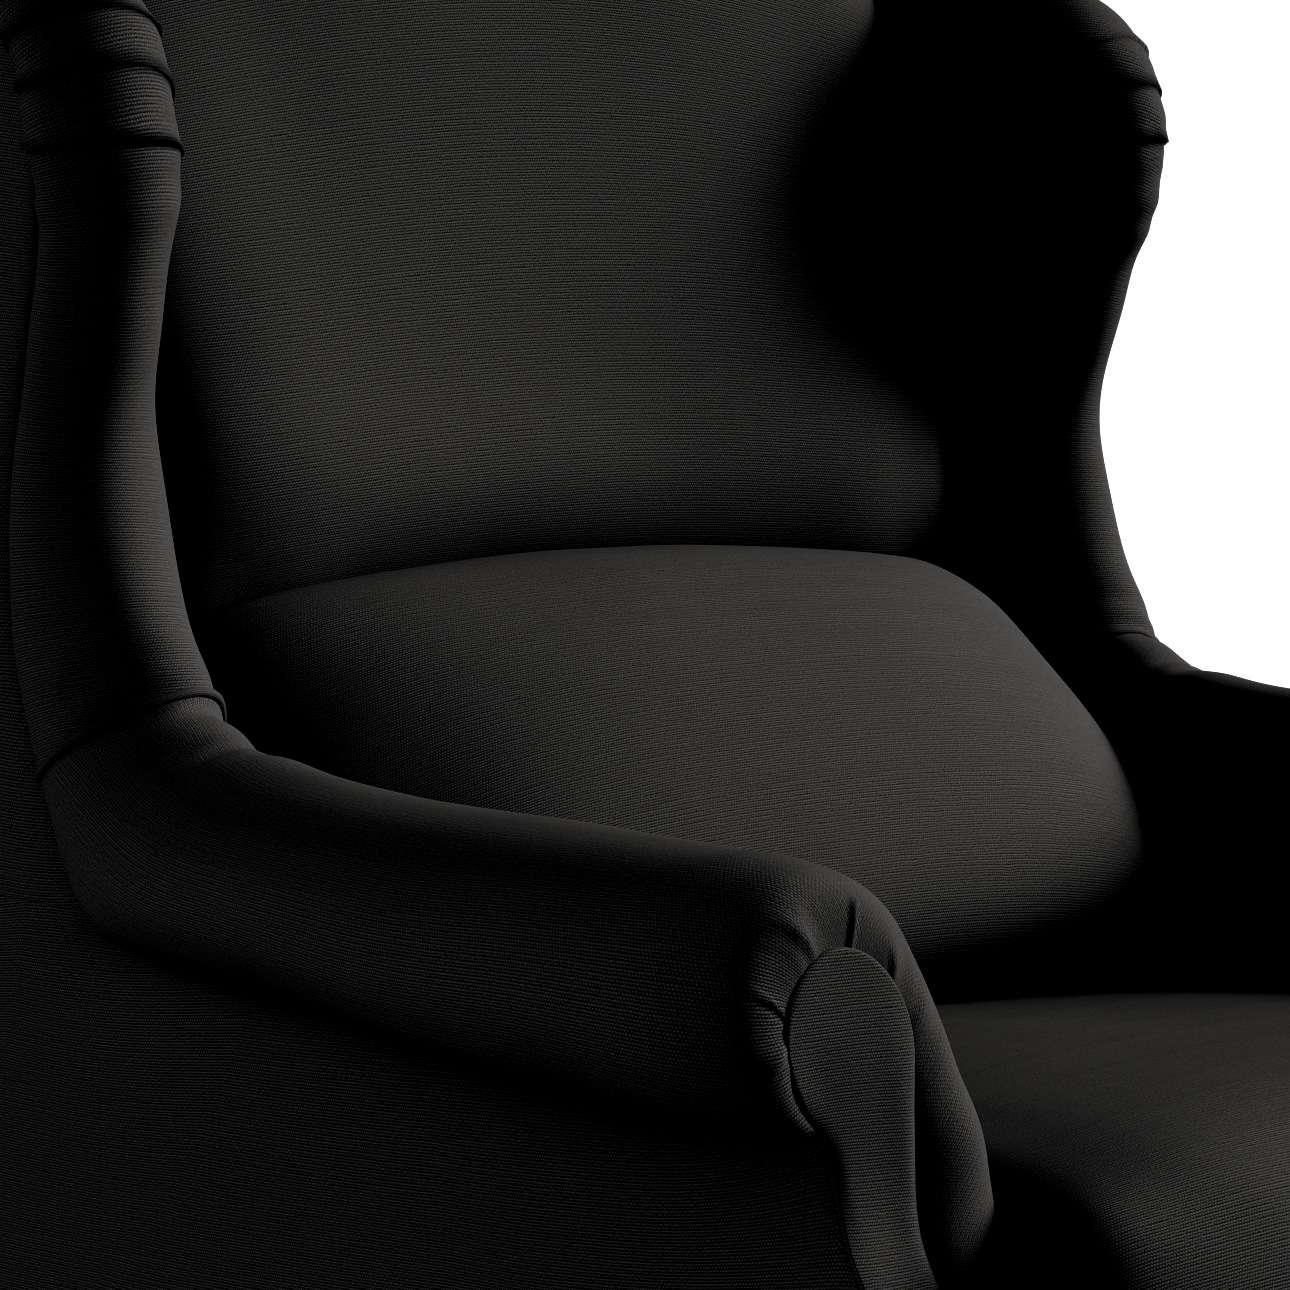 Sessel 63 x 115 cm von der Kollektion Cotton Panama, Stoff: 702-08